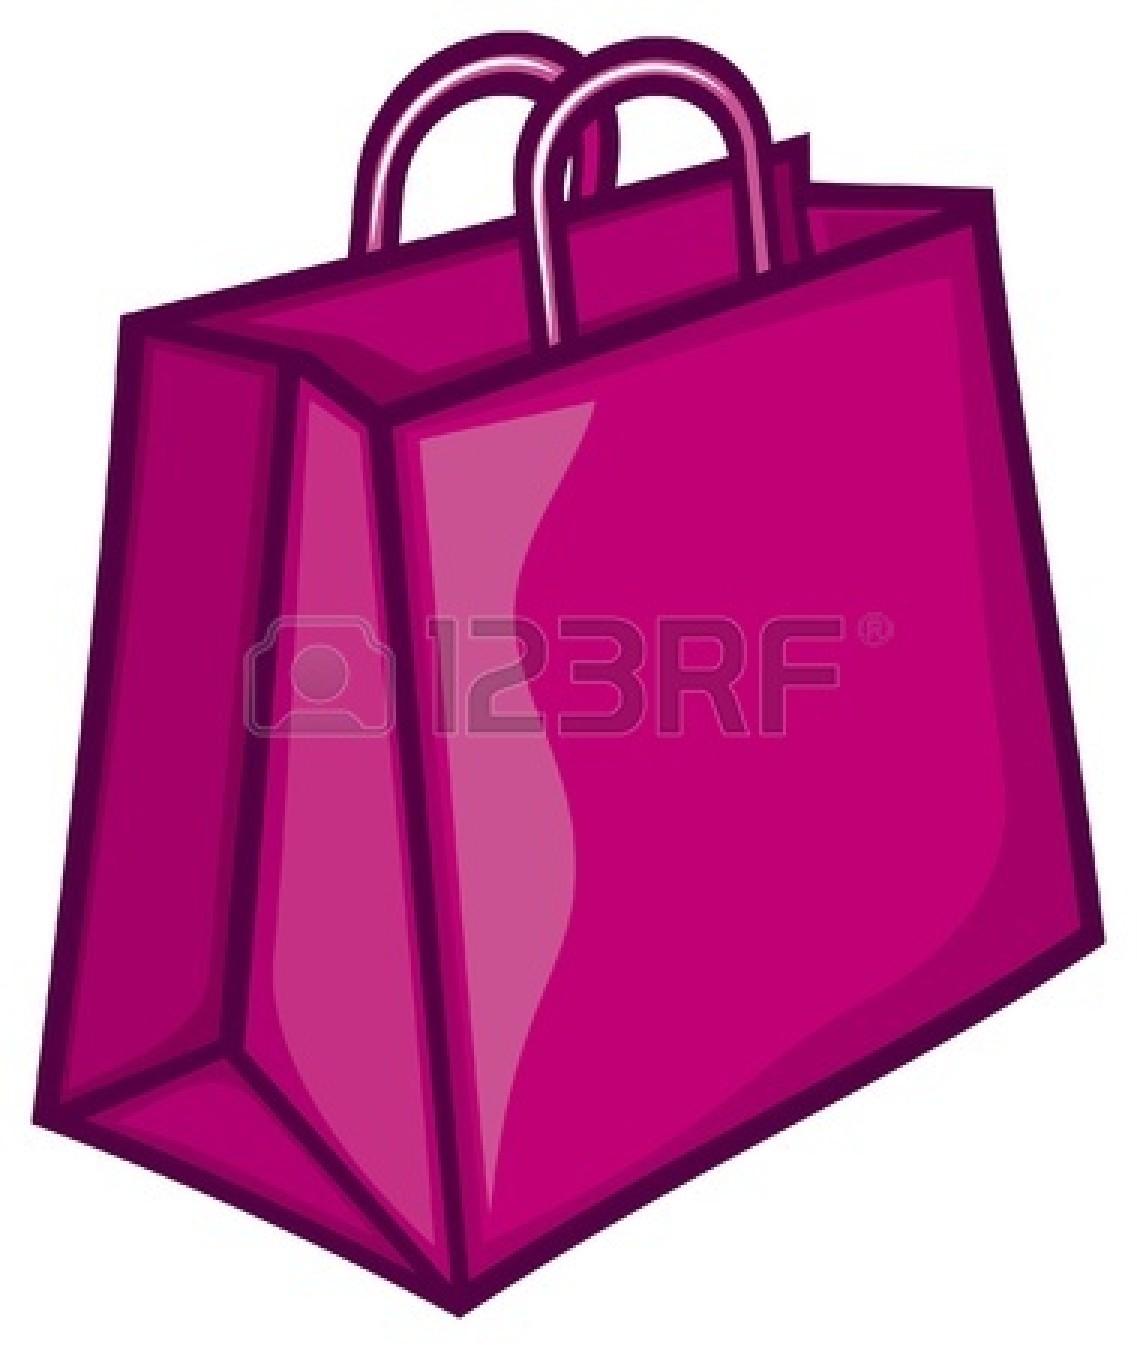 Goodie bag clipart panda free images